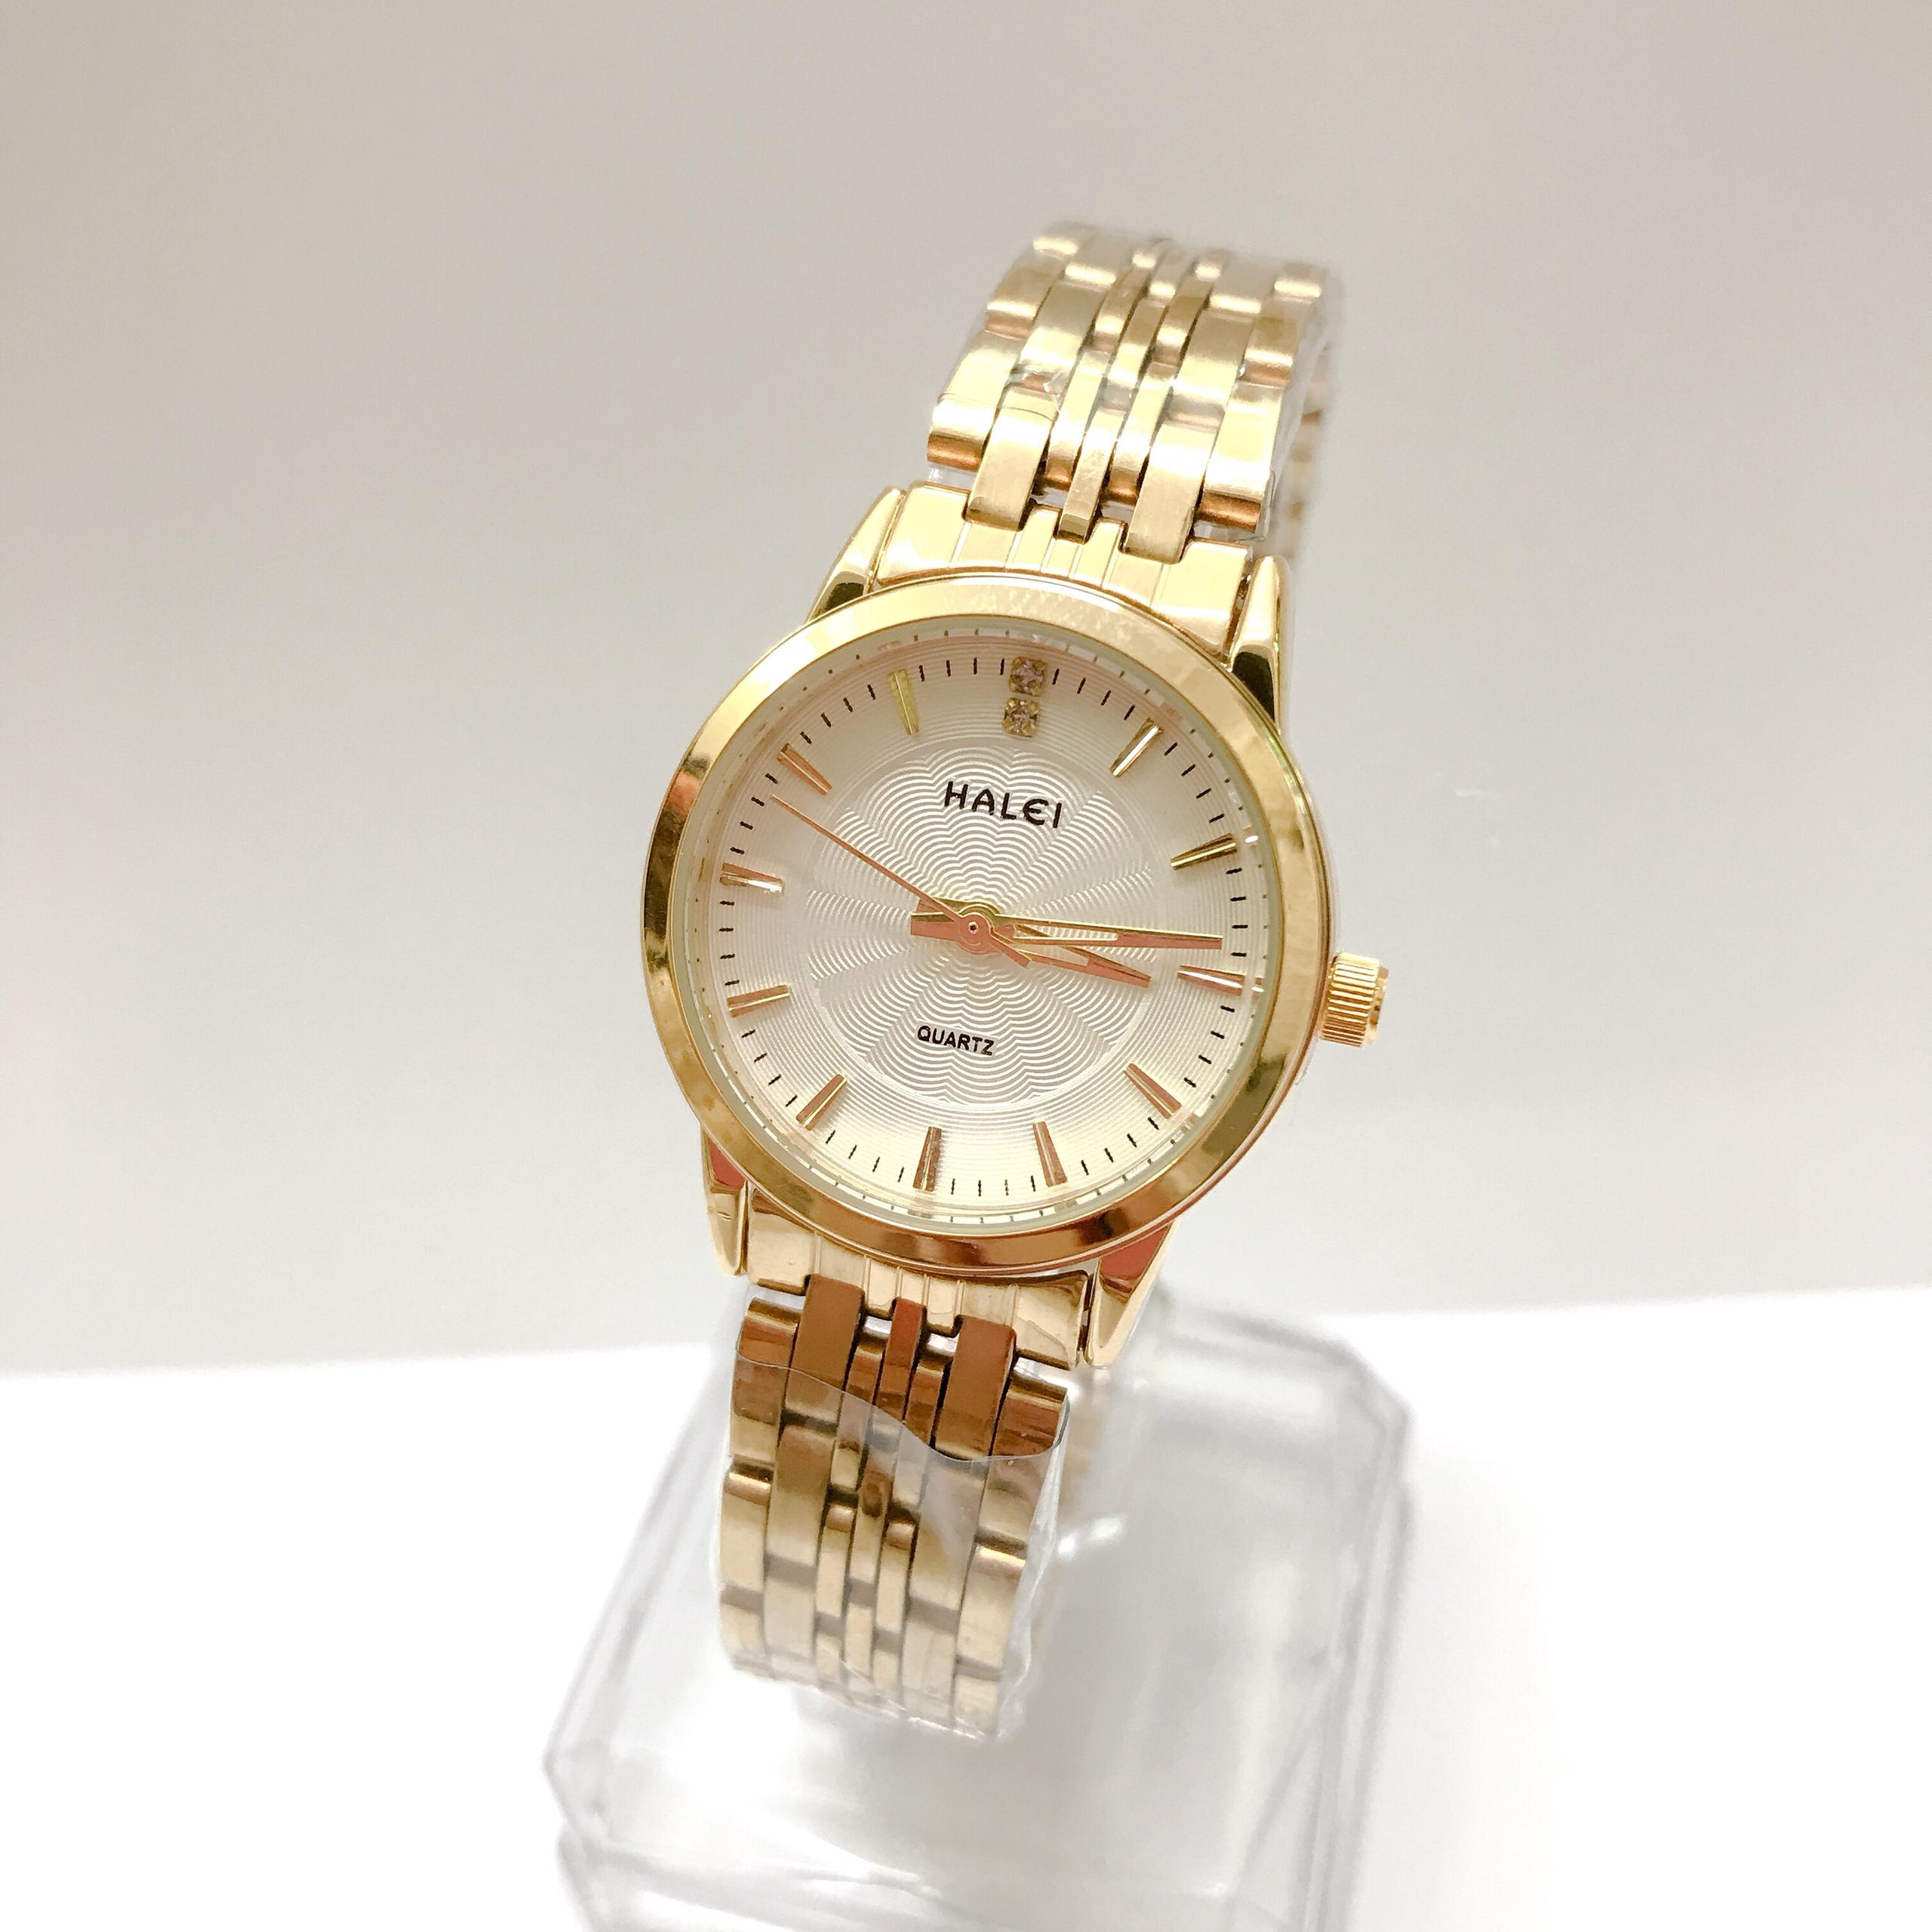 Đồng hồ Nữ Halei cao cấp - HL552 Dây vàng mặt trắng